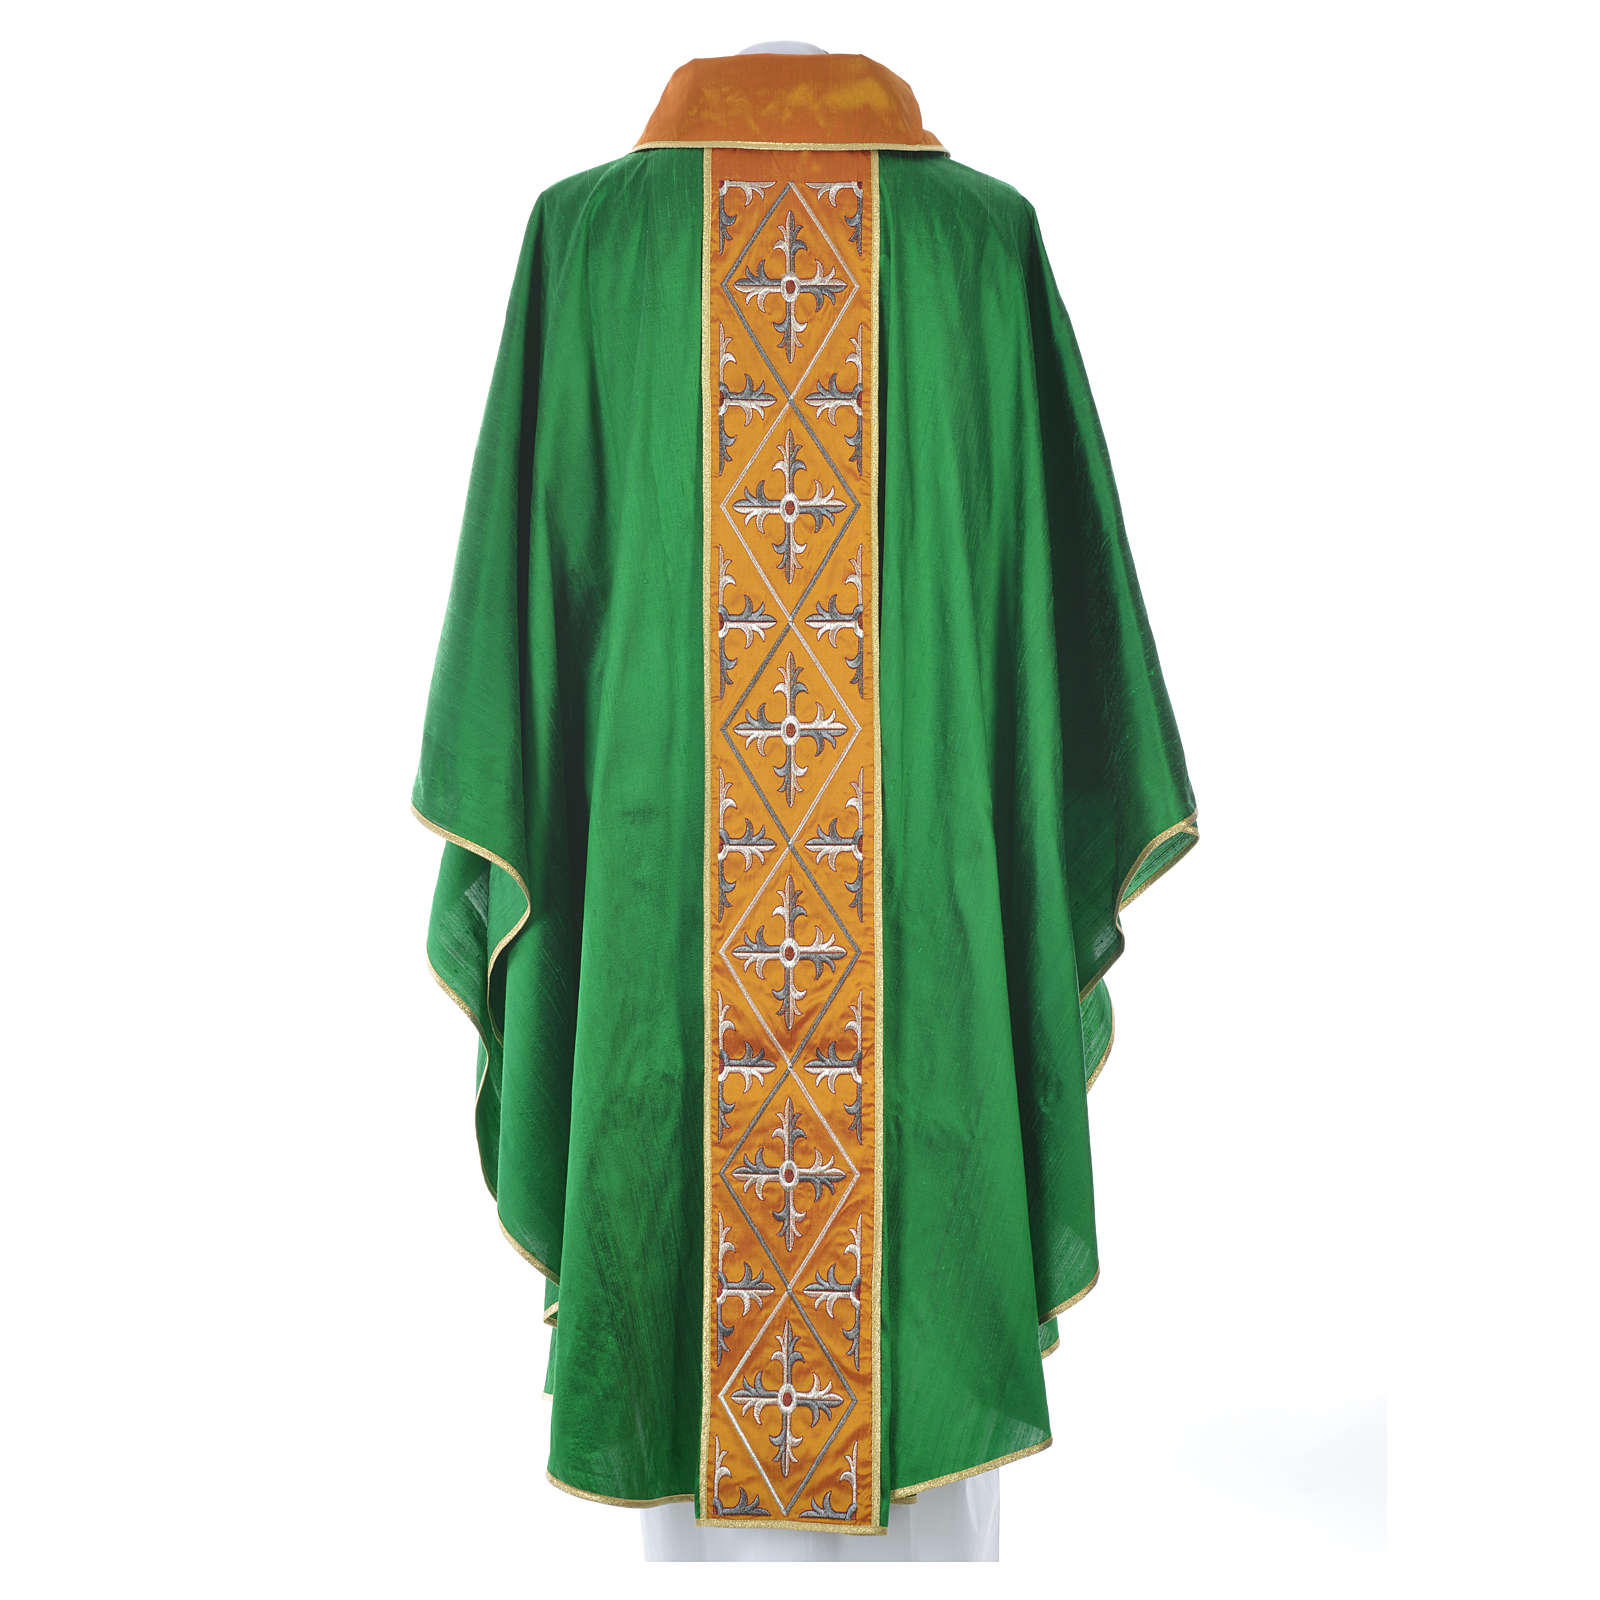 Casula sacerdote 100% seda bordado cruz 4